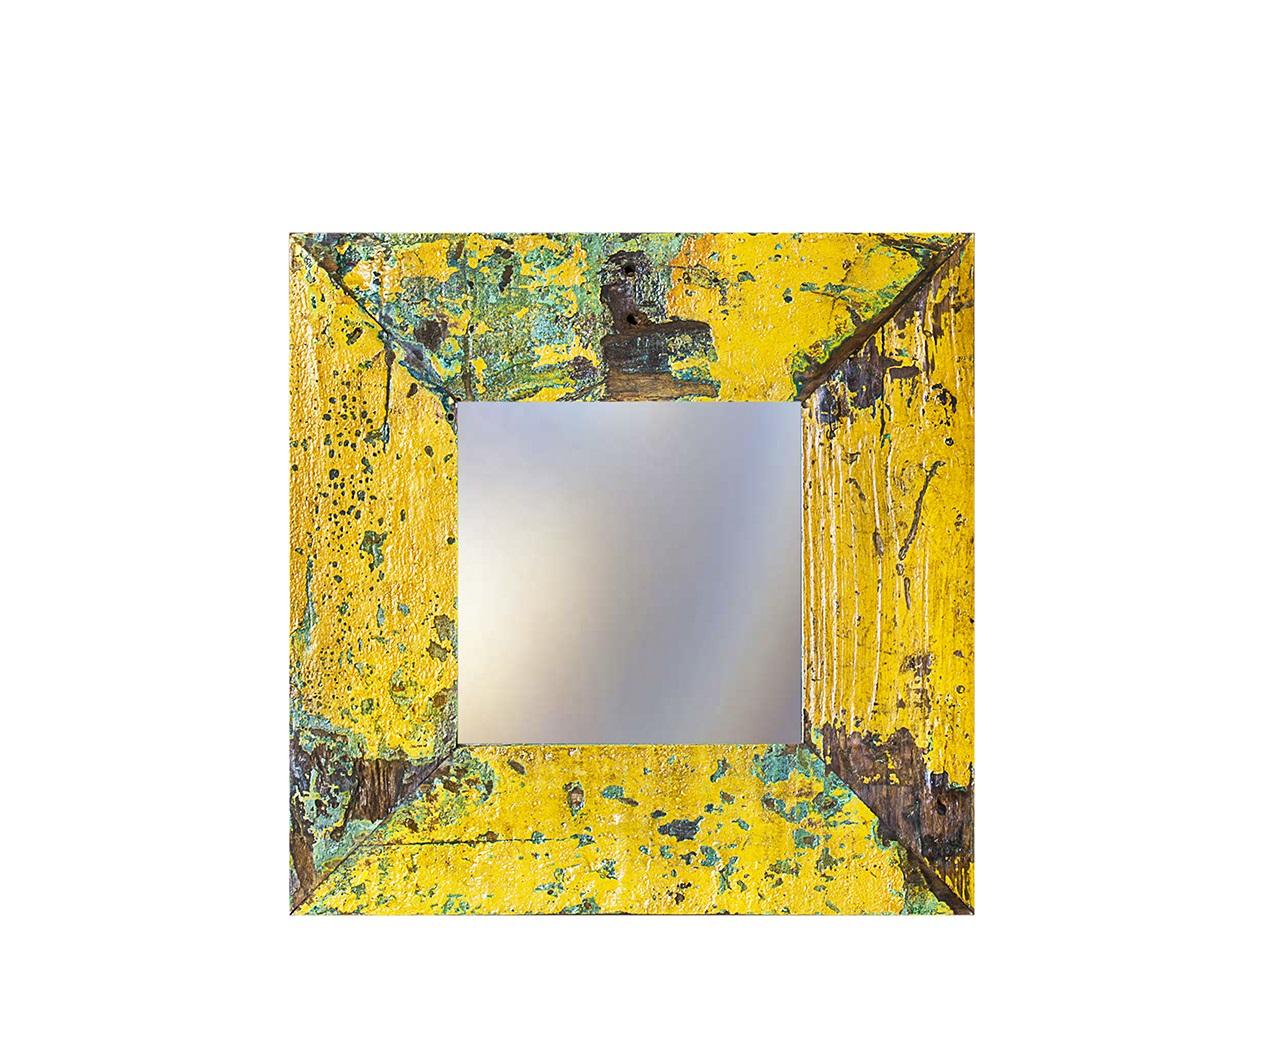 Зеркало Свет мой зеркальцеНастенные зеркала<br>Зеркало выполнено из фрагментов настоящего рыболовецкого судна, возраст которого 20-40 лет. Окрас сохранён оригинальный.<br><br>Material: Тик<br>Ширина см: 80.0<br>Высота см: 60.0<br>Глубина см: 3.0